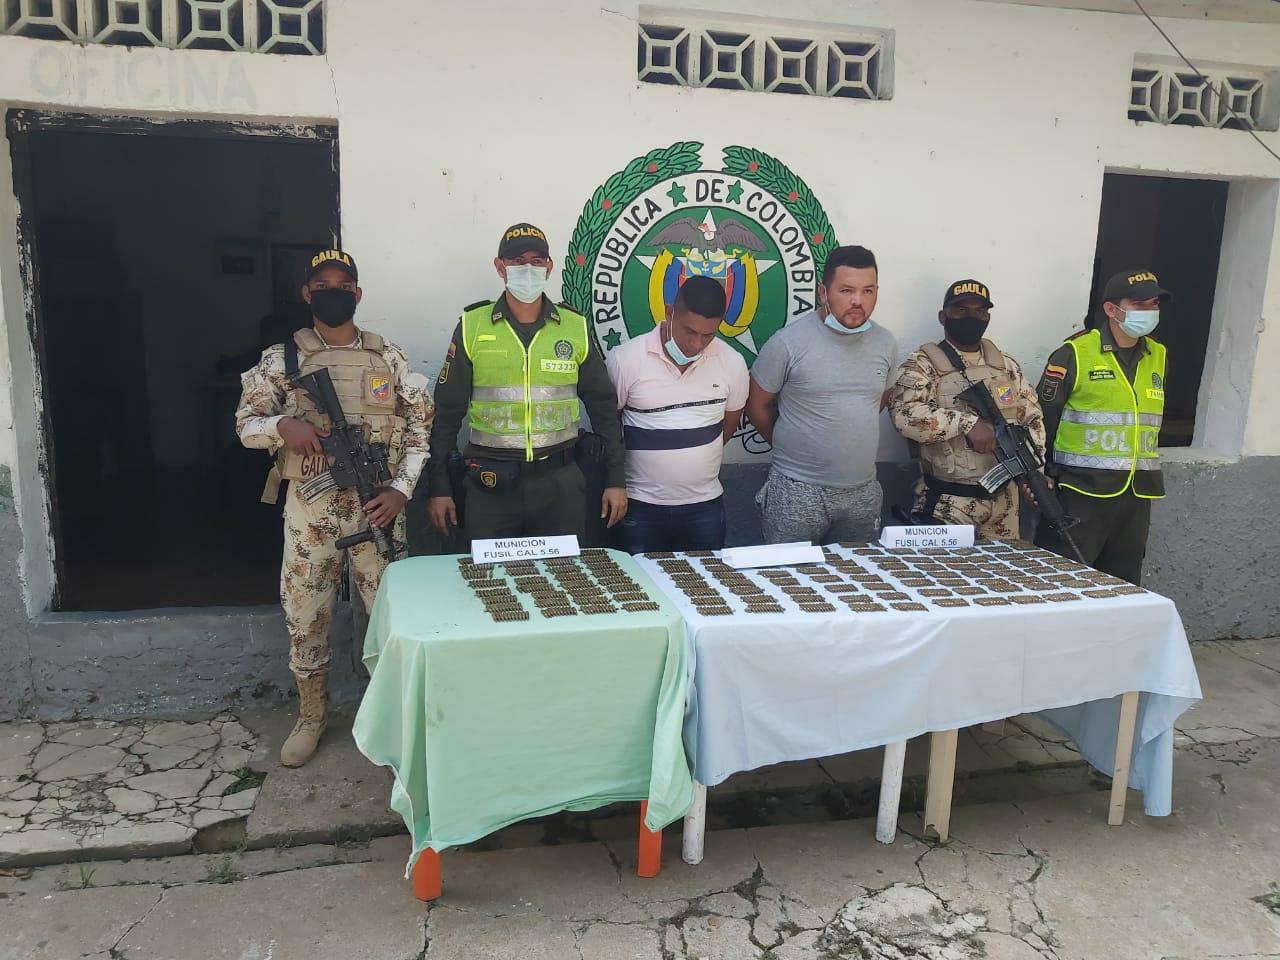 https://www.notasrosas.com/En Mariangola (Cesar), Policía Nacional detiene dos personas que portaban arma de fuego ilegal